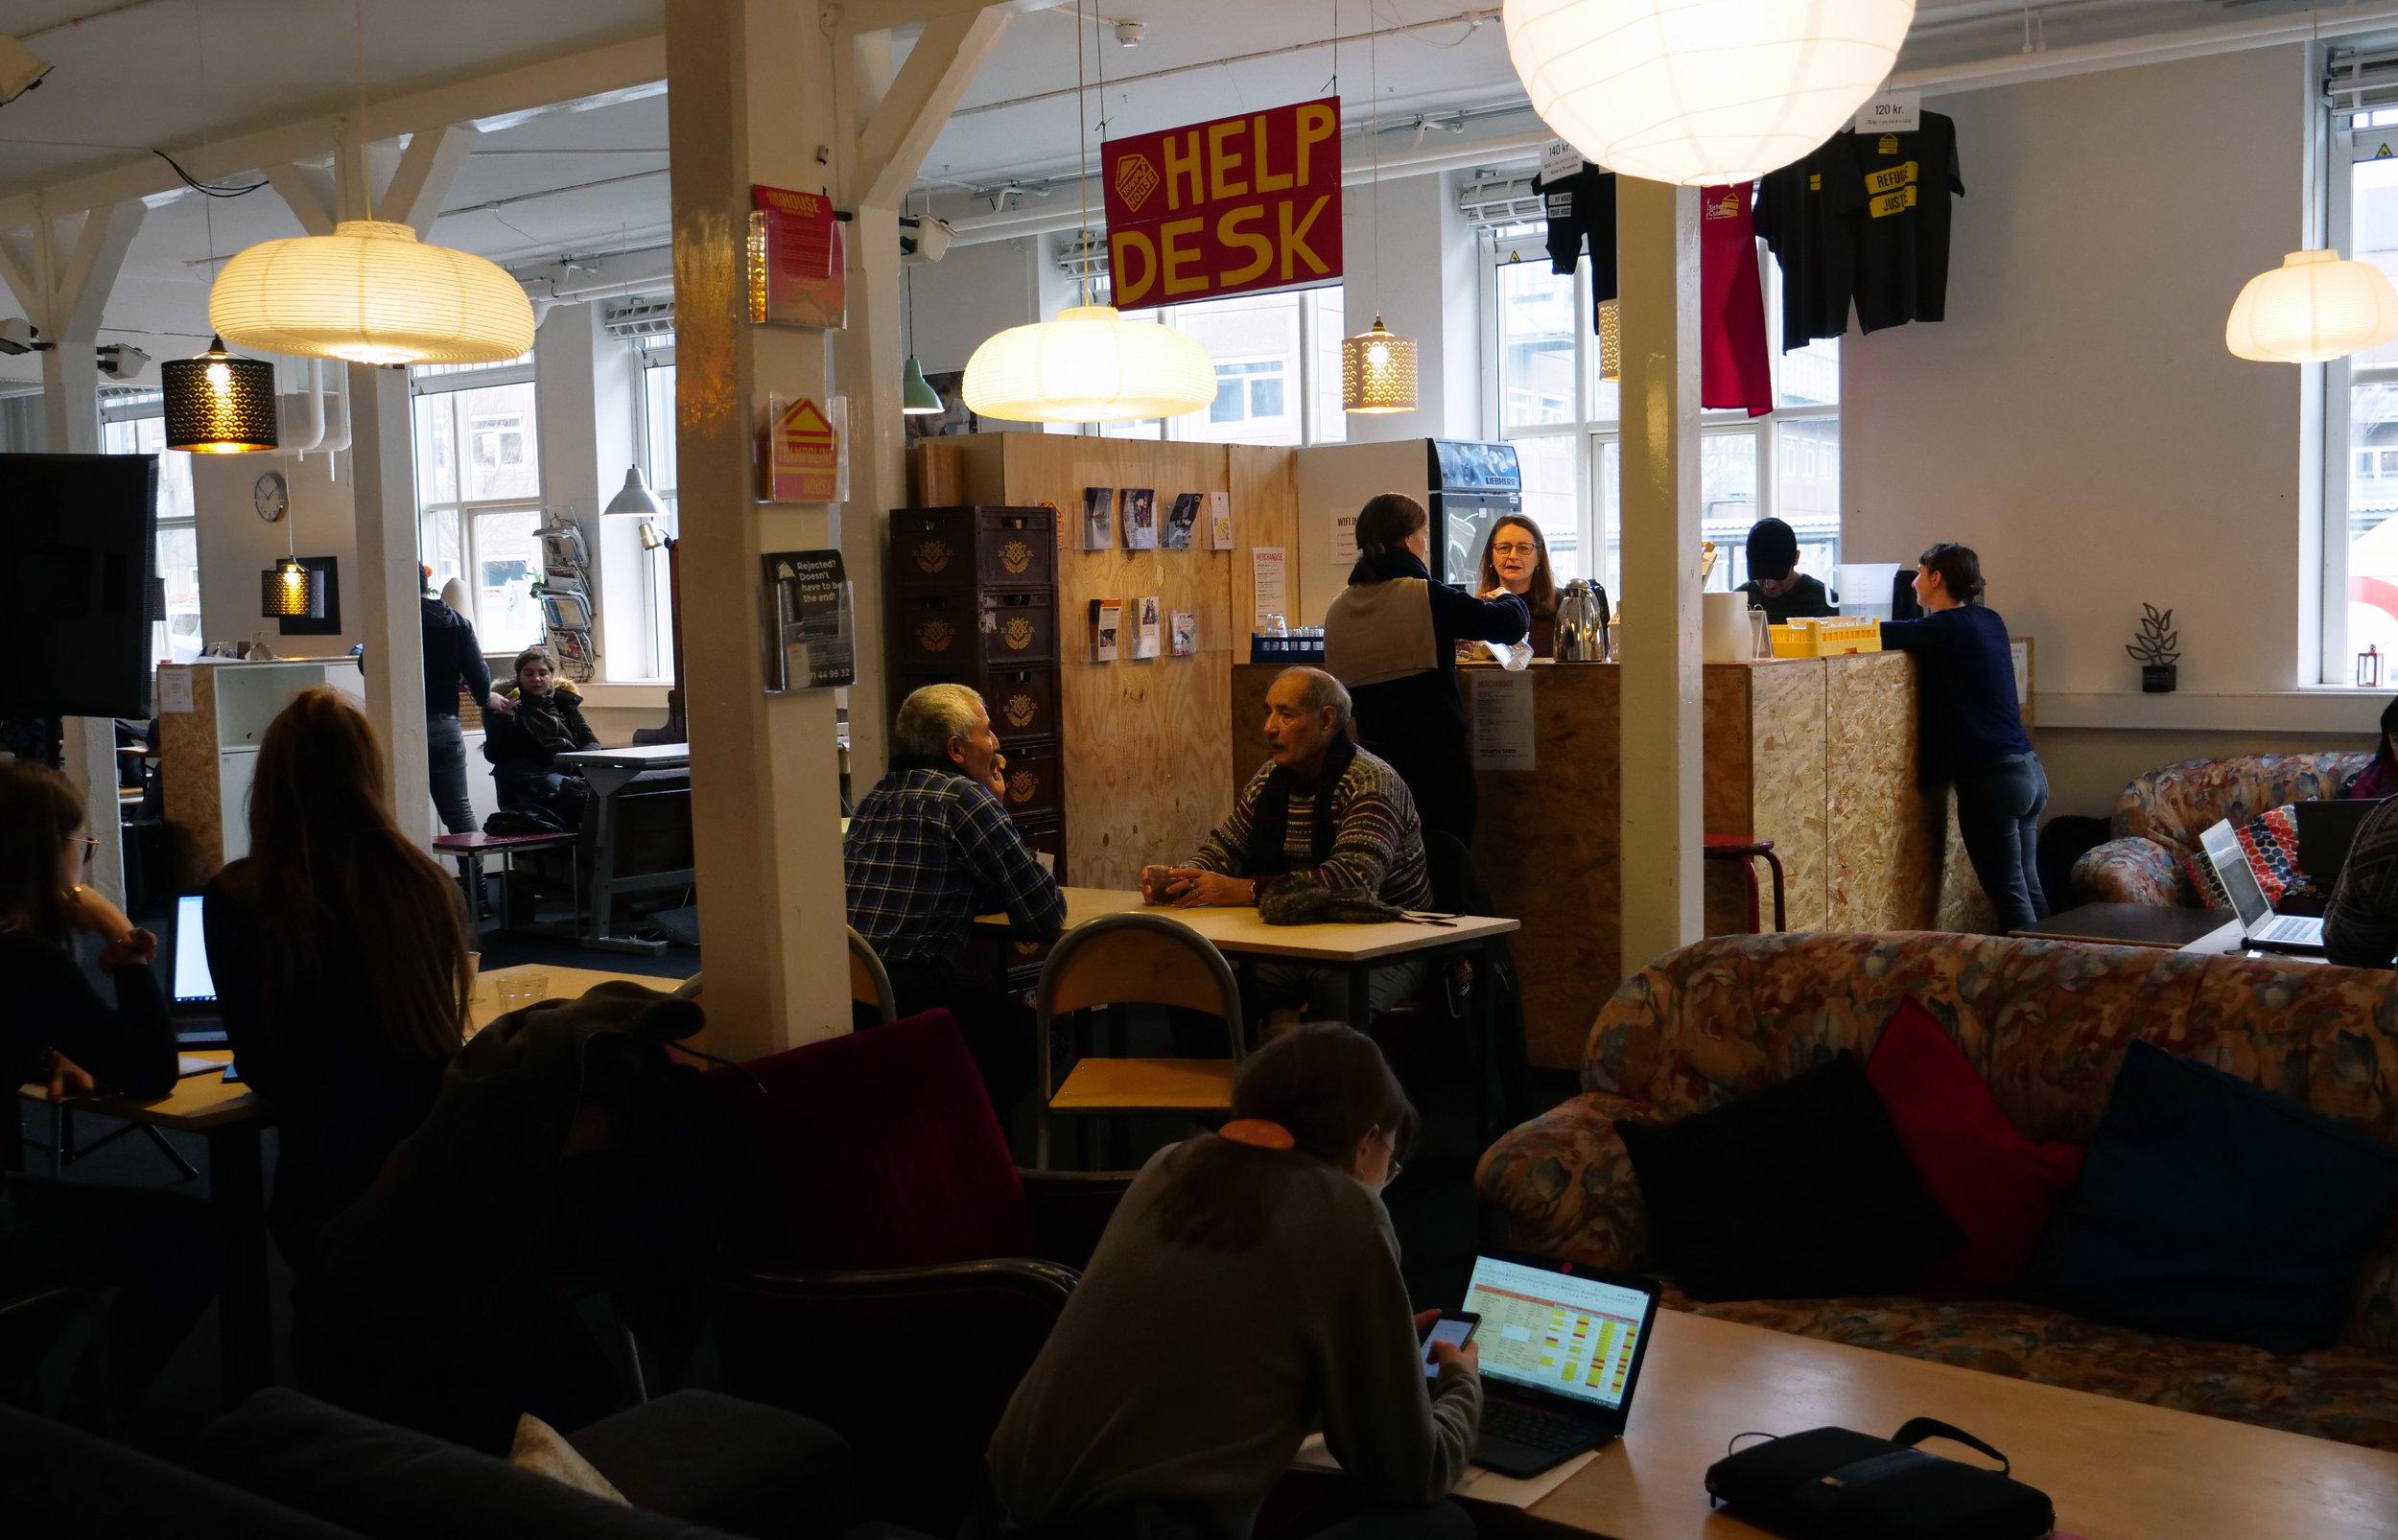 Trampolinhusets nye caféområde bruges både til husmøder, hyggelige snakke og gruppearbejde. Foto: Viktoria Steinhart